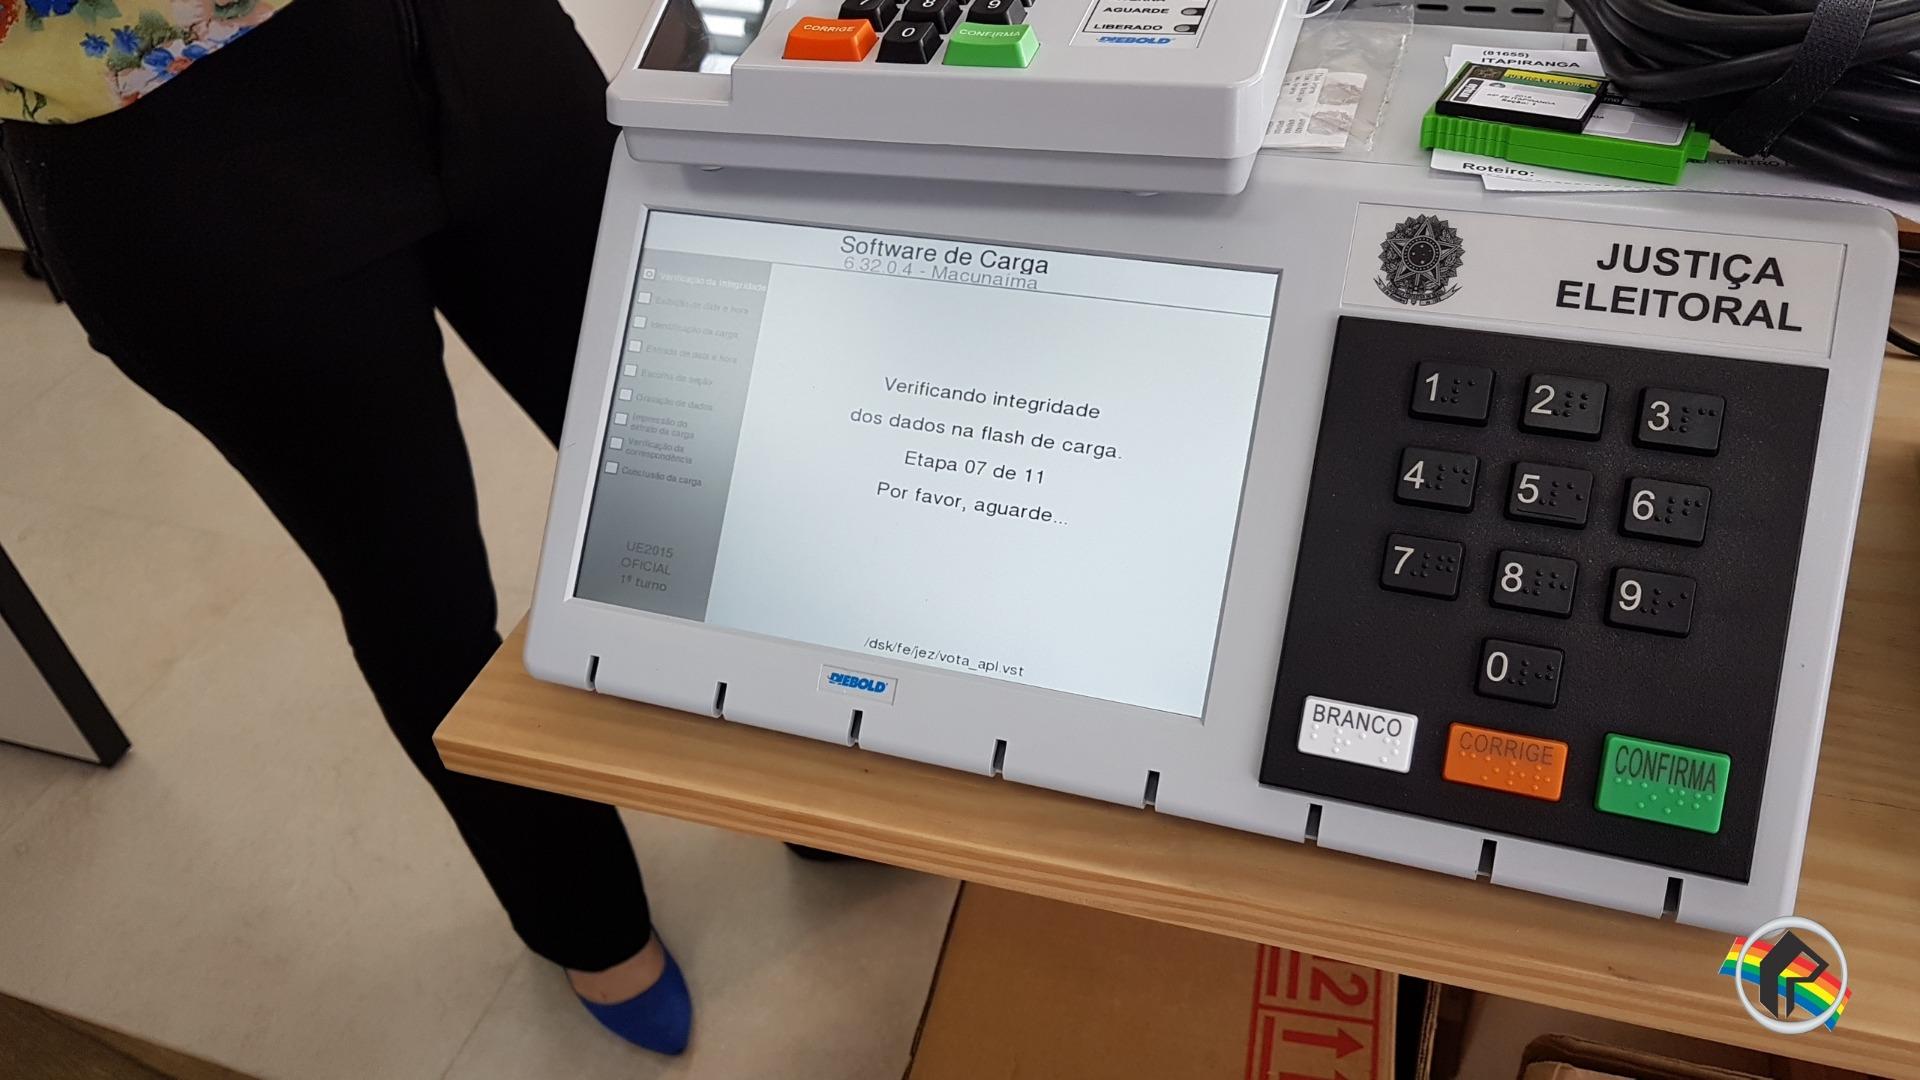 Justiça eleitoral realiza programação de urnas no Cartório de Itapiranga